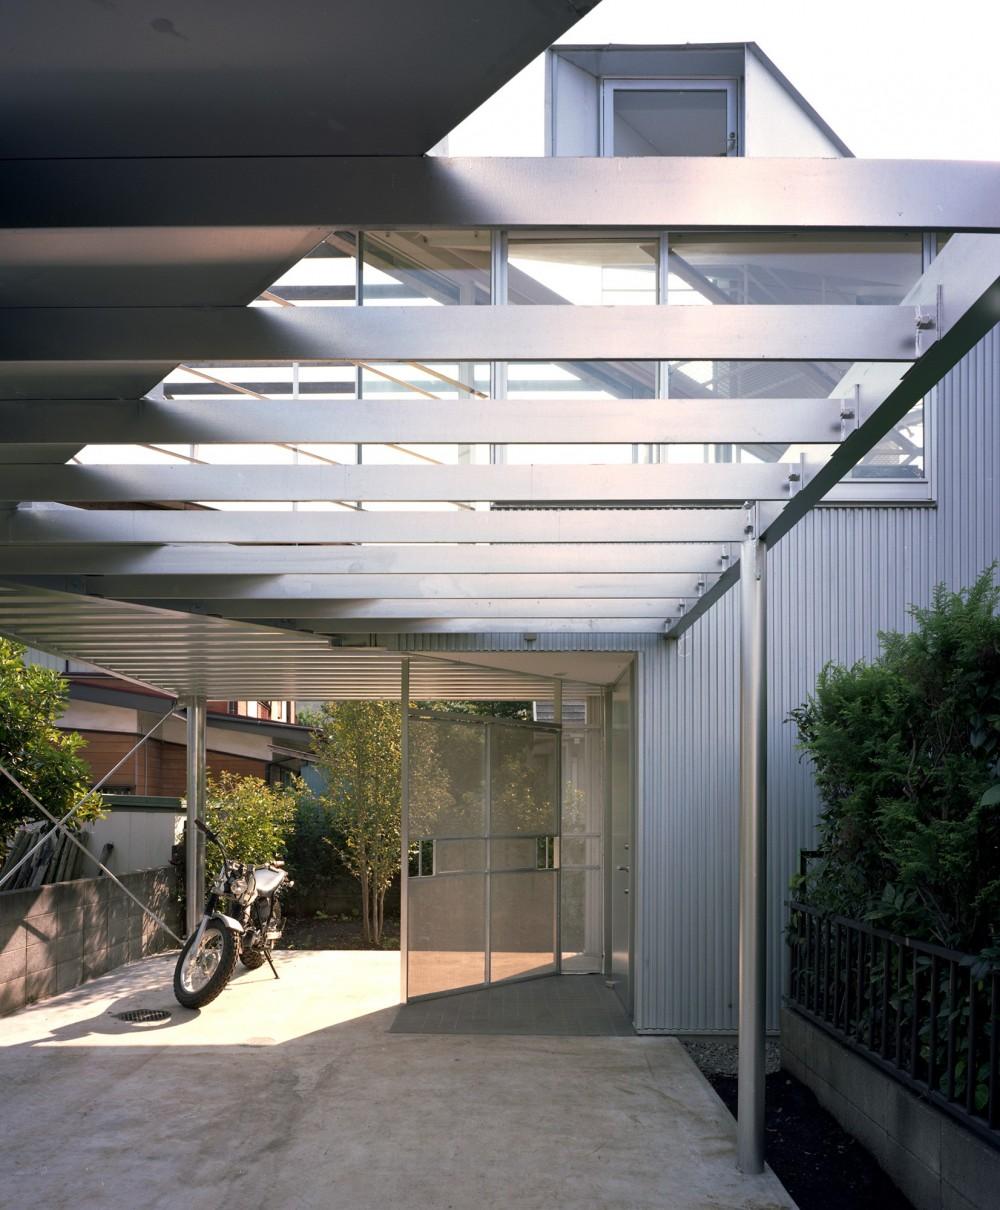 【トライアングル・ハウス】 空間に変化を生み出す三角形平面 (エントランス)